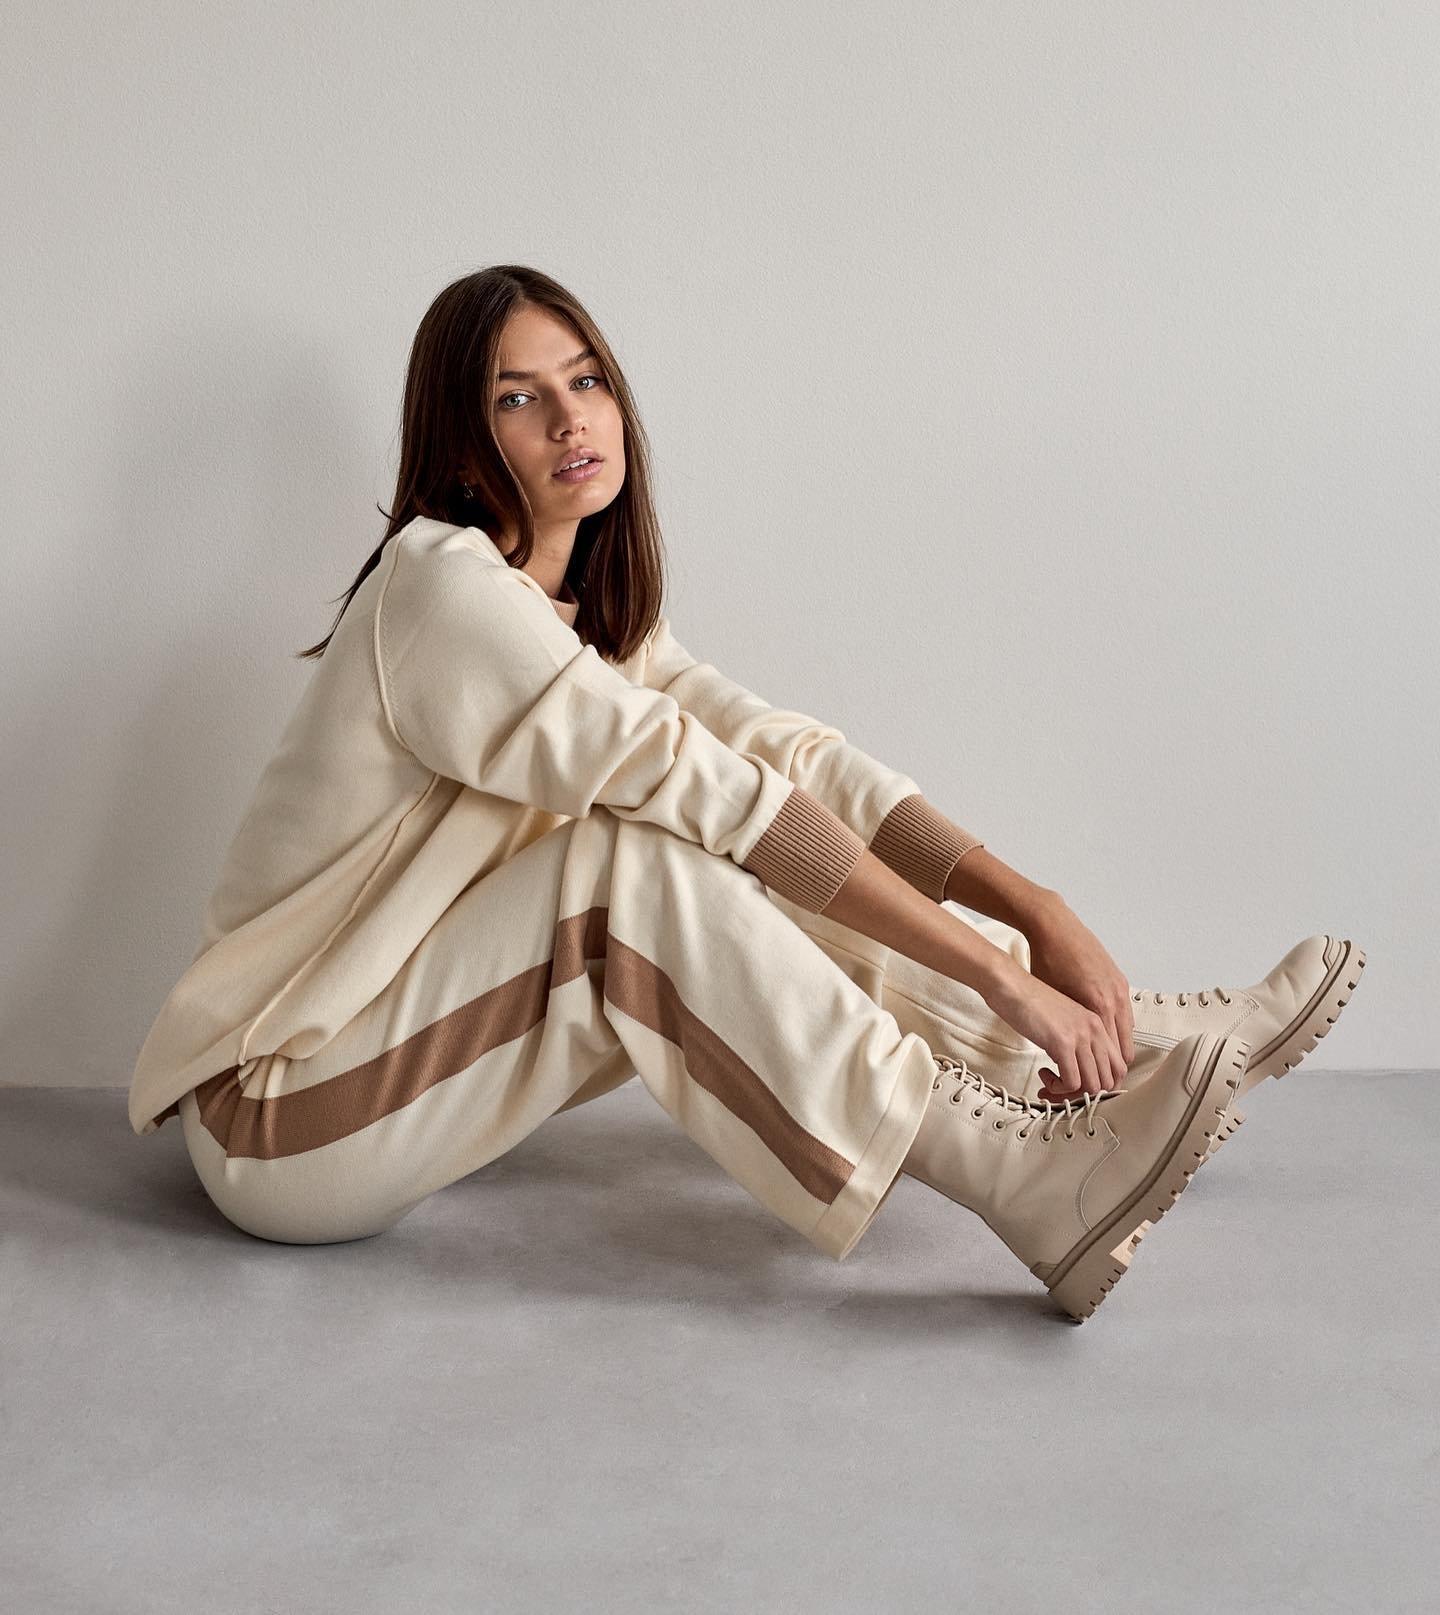 Pohodlie na prvom mieste? ❤️ Štýlové komplety nájdeš teraz v novinkách 🧶 A vieš čo je na kompletoch najlepšie 🤷🏼♀️ jednou kúpou získaš krásny sveter a pohodlné nohavice nielen na domáce nosenie. 😉